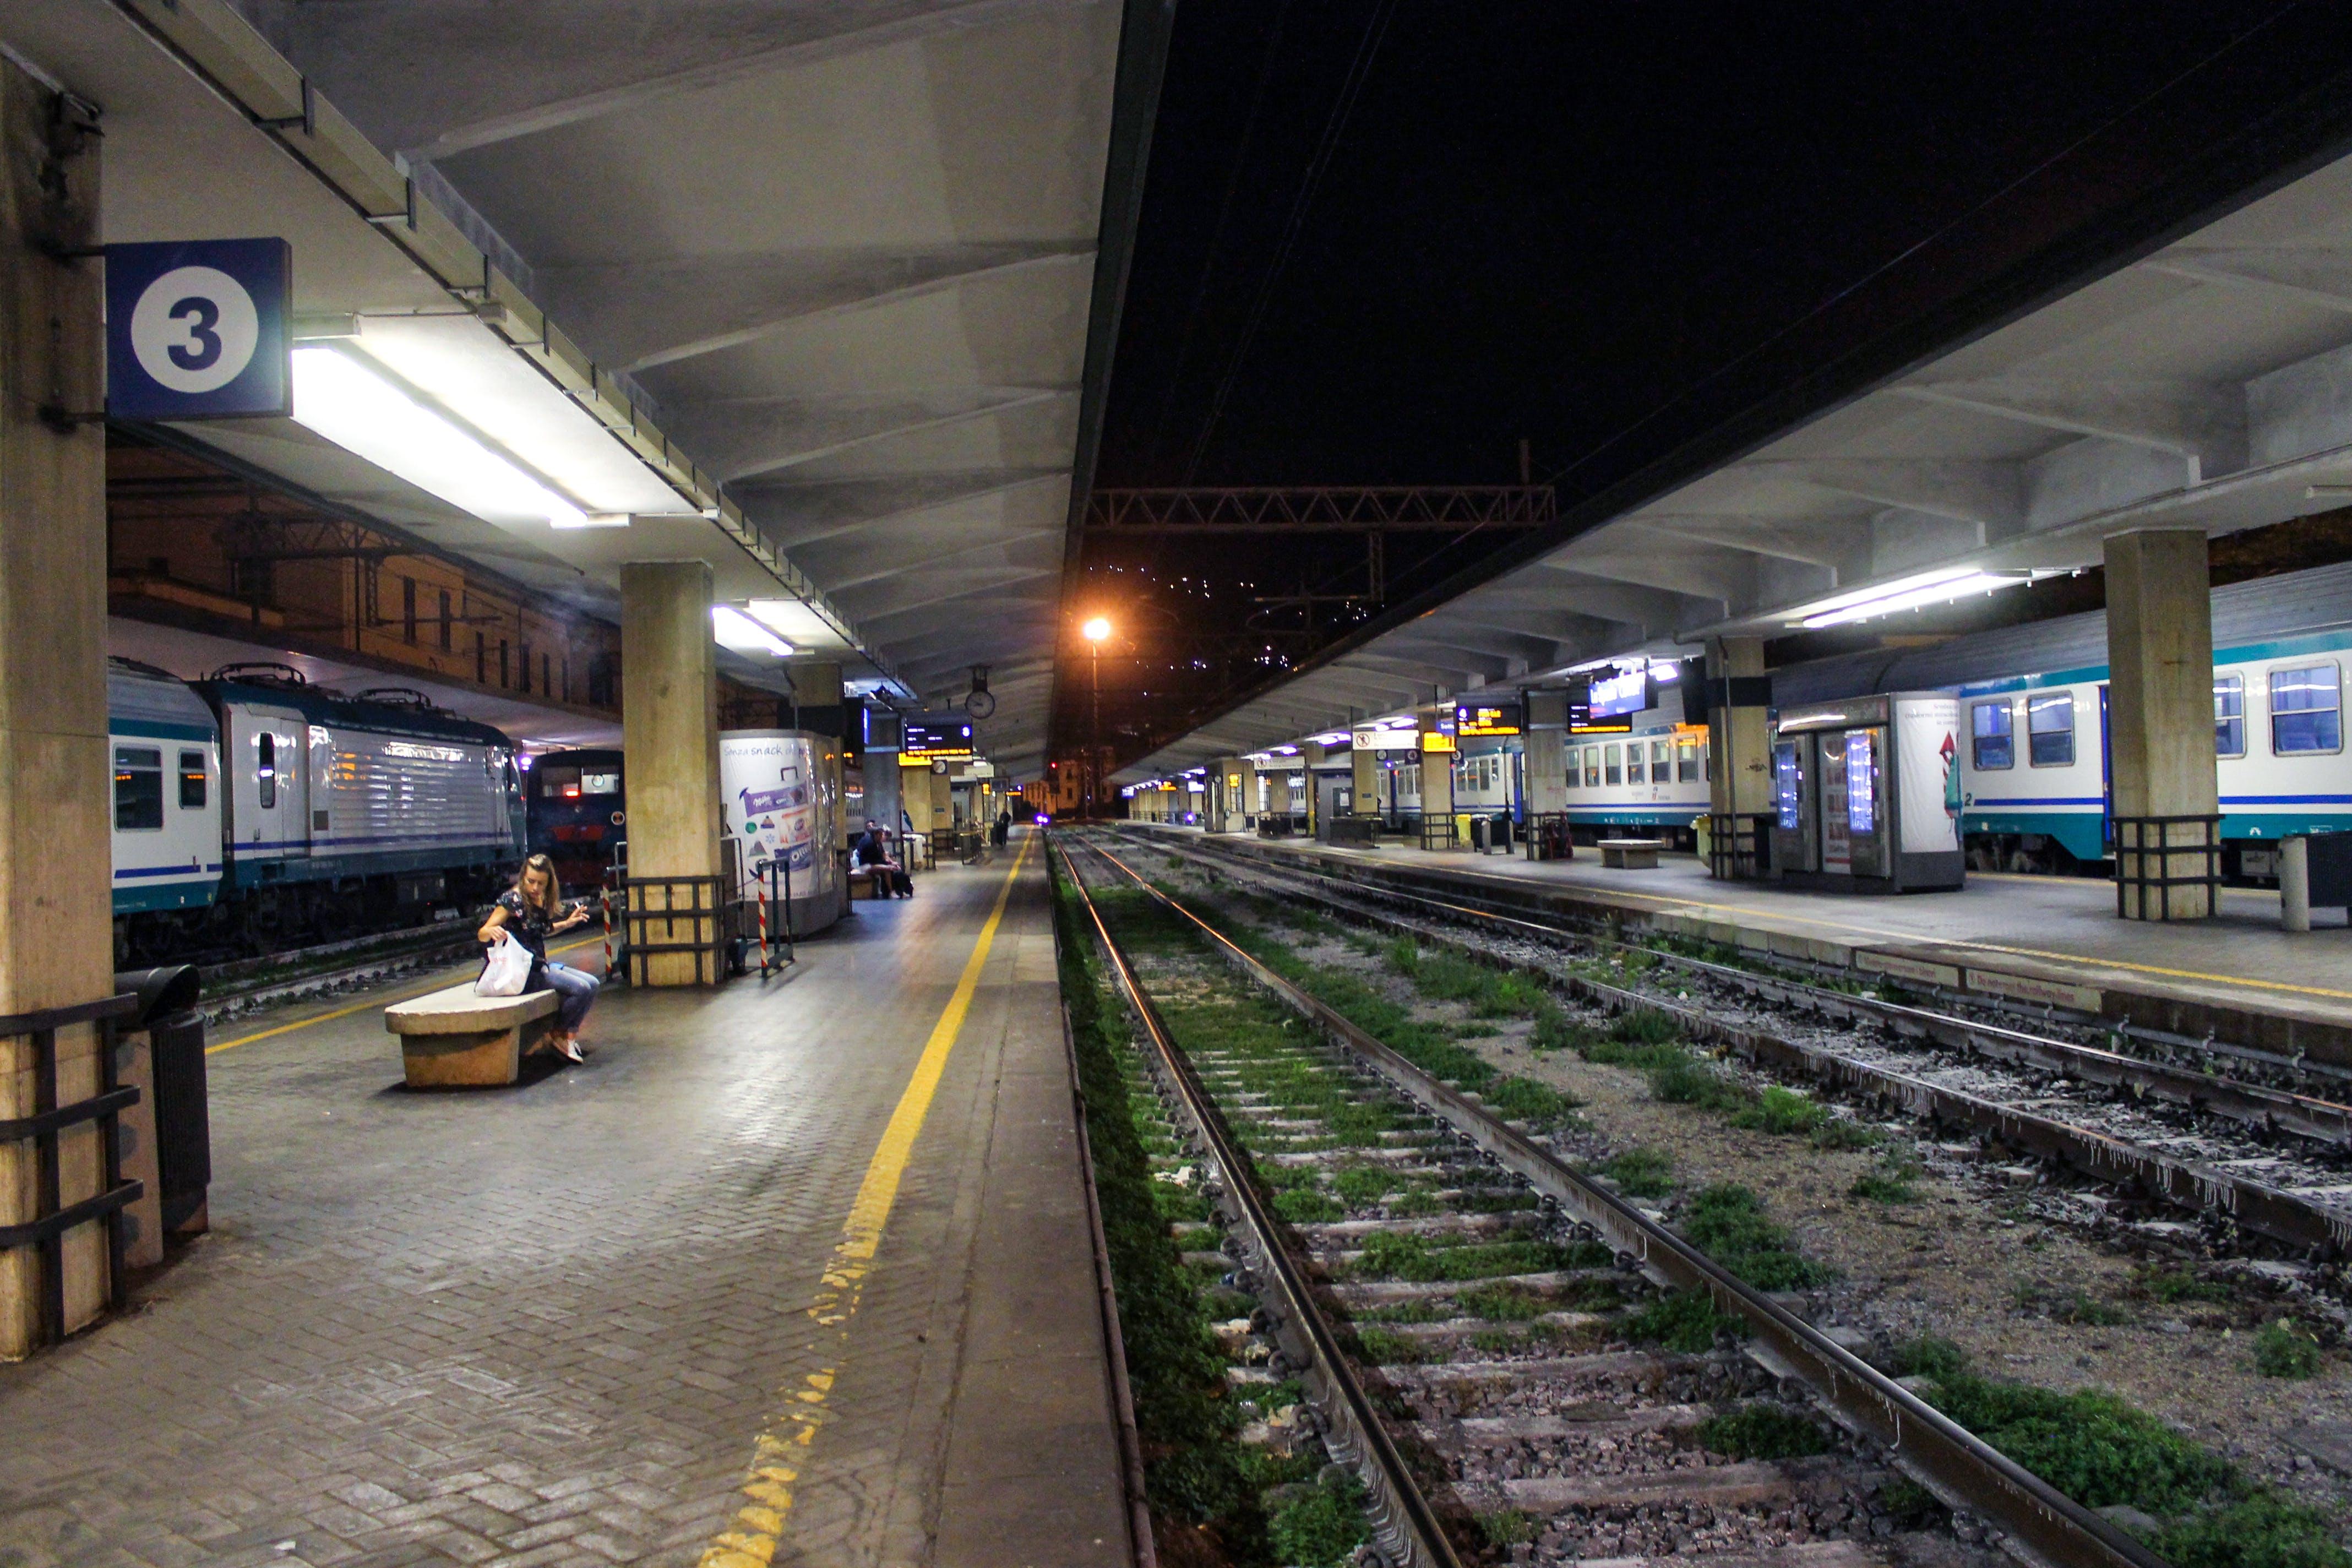 晚上, 火车轨道, 站 的 免费素材照片